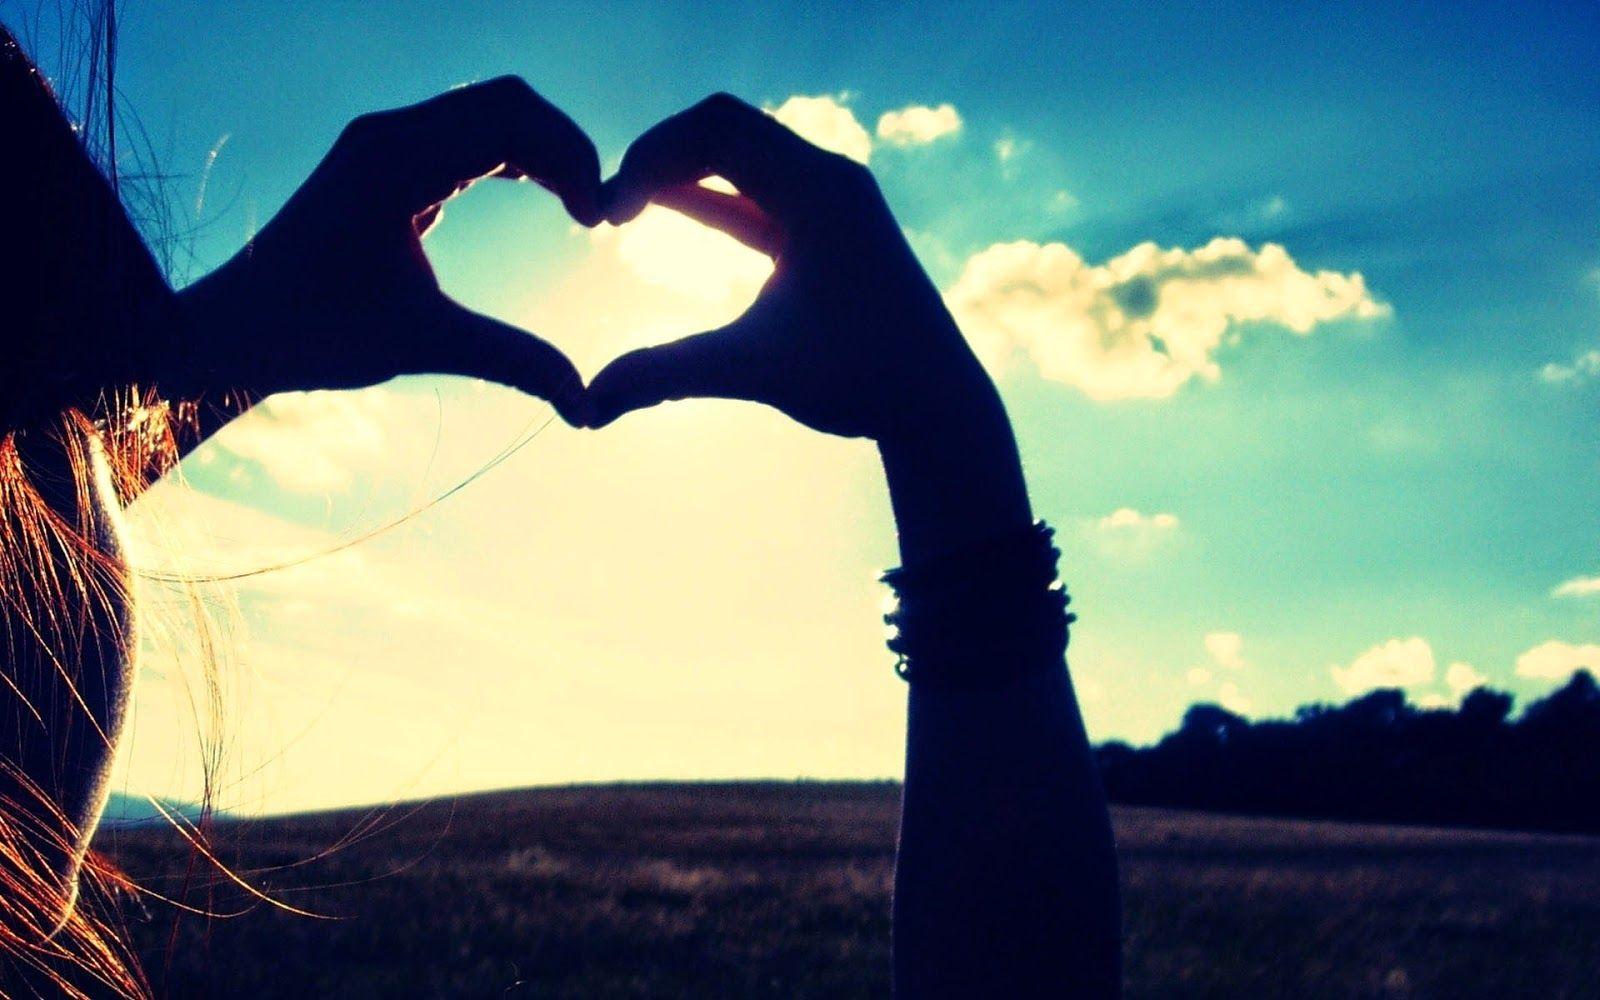 Những bức ảnh tình yêu đẹp lãng mạn, những hình nền tình yêu đẹp cho tình cảm đôi lứa mặn nồng